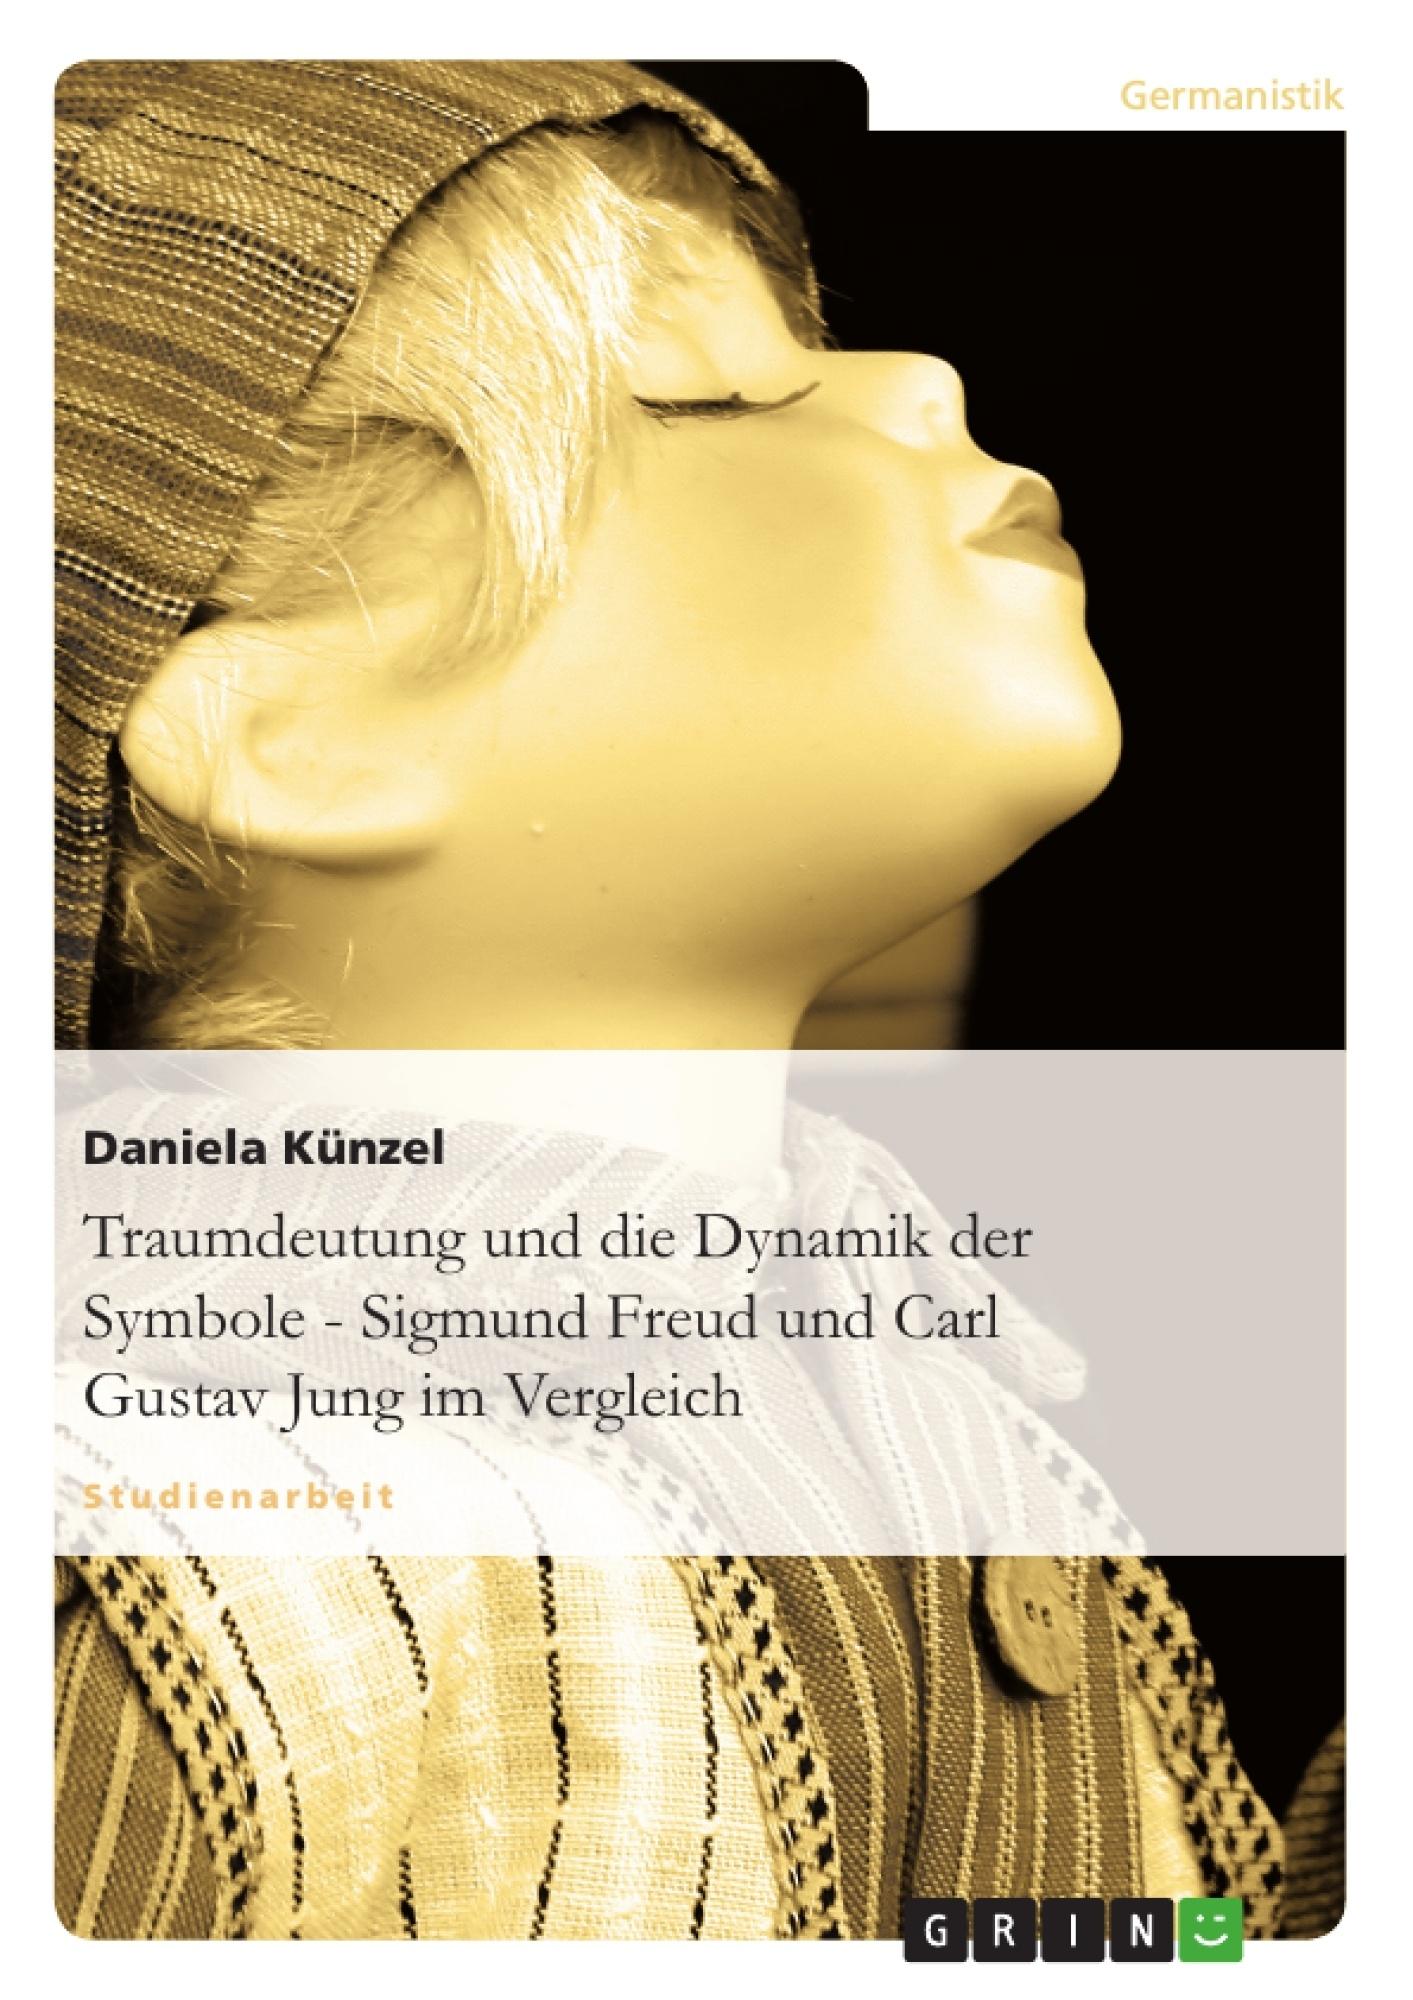 Titel: Traumdeutung und die Dynamik der Symbole - Sigmund Freud und Carl Gustav Jung im Vergleich